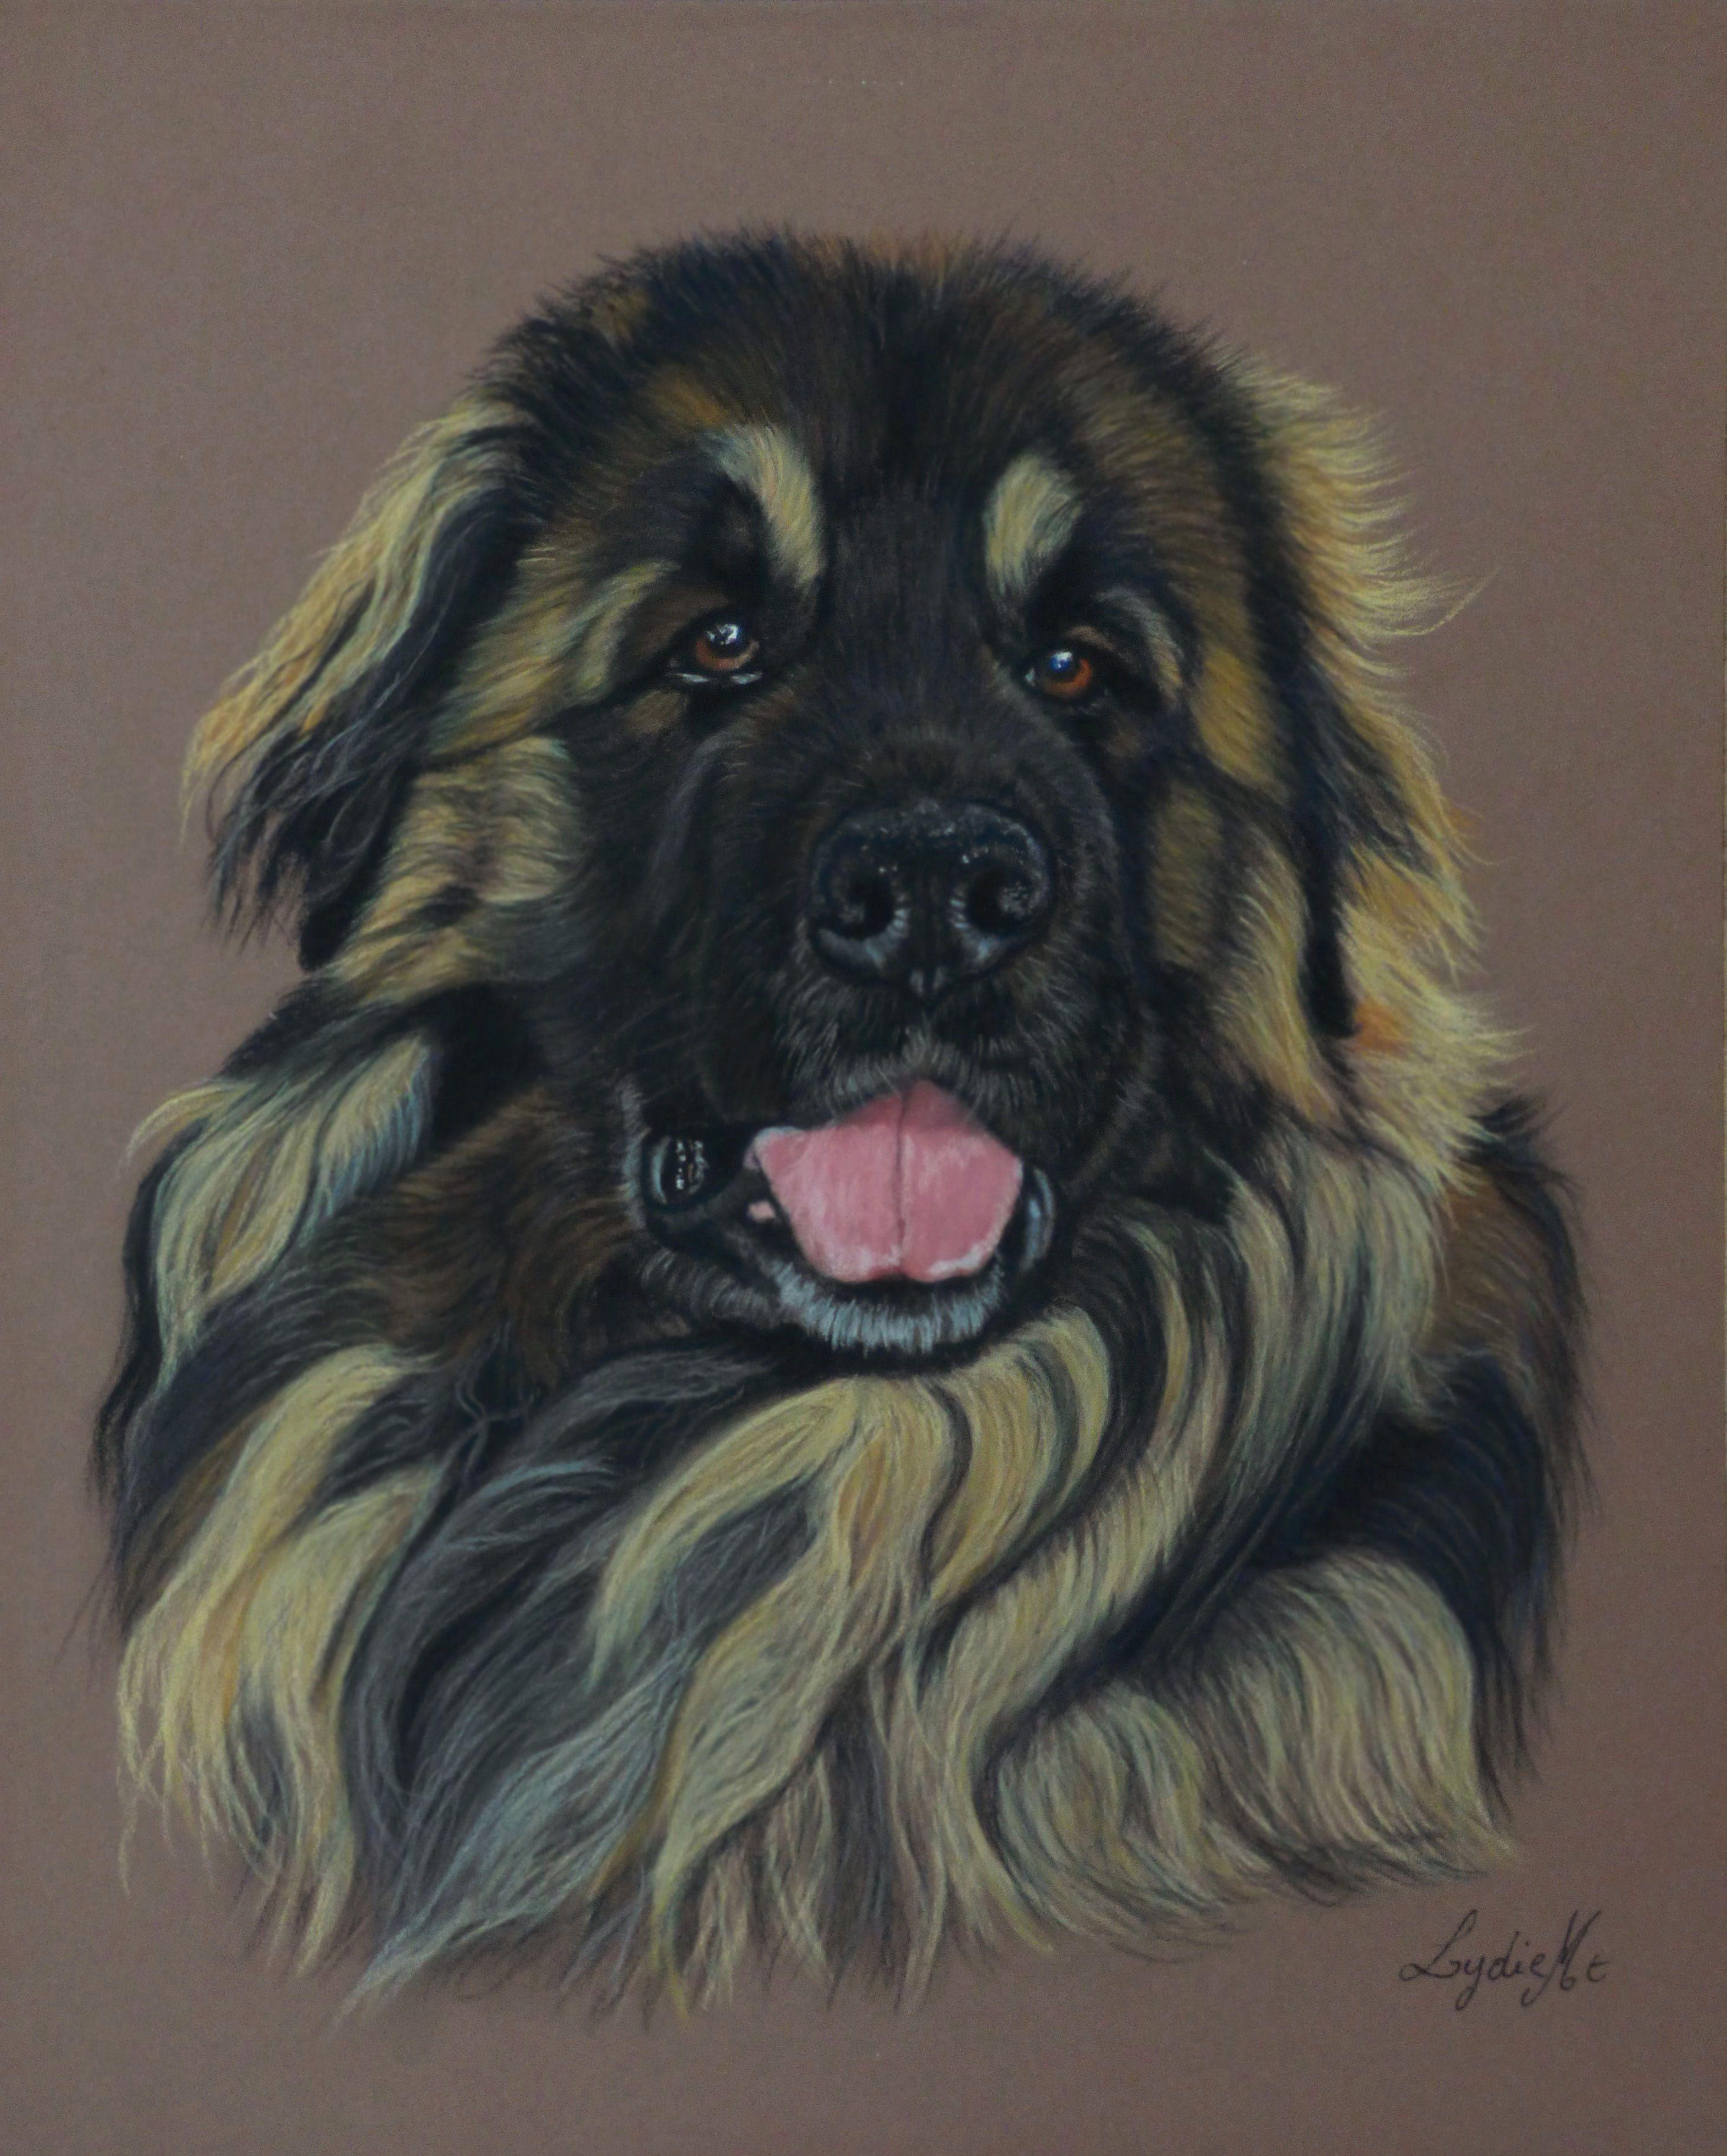 Léonberg aux pastels secs #chien #pastel #leonberg#chien #portrait ...